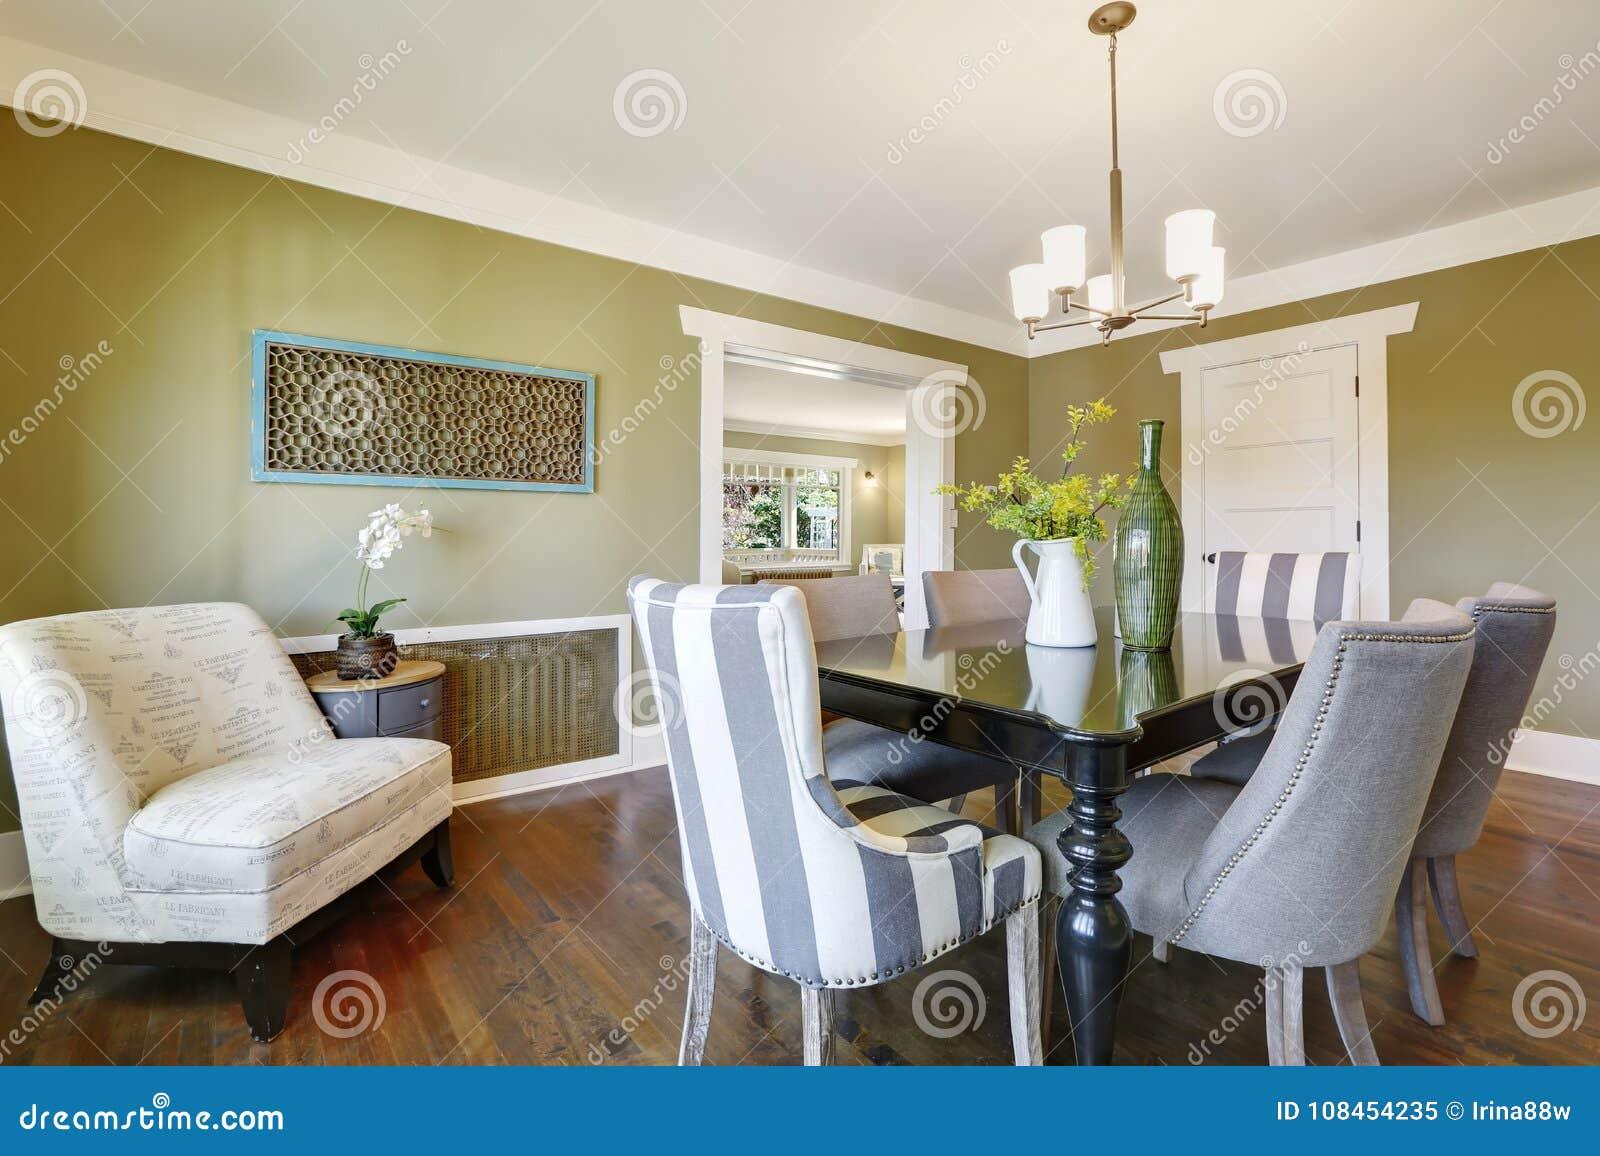 sthle aus hellem holz trendy esstisch helles holz genial finebuy sheesham rustikal massiv holz. Black Bedroom Furniture Sets. Home Design Ideas